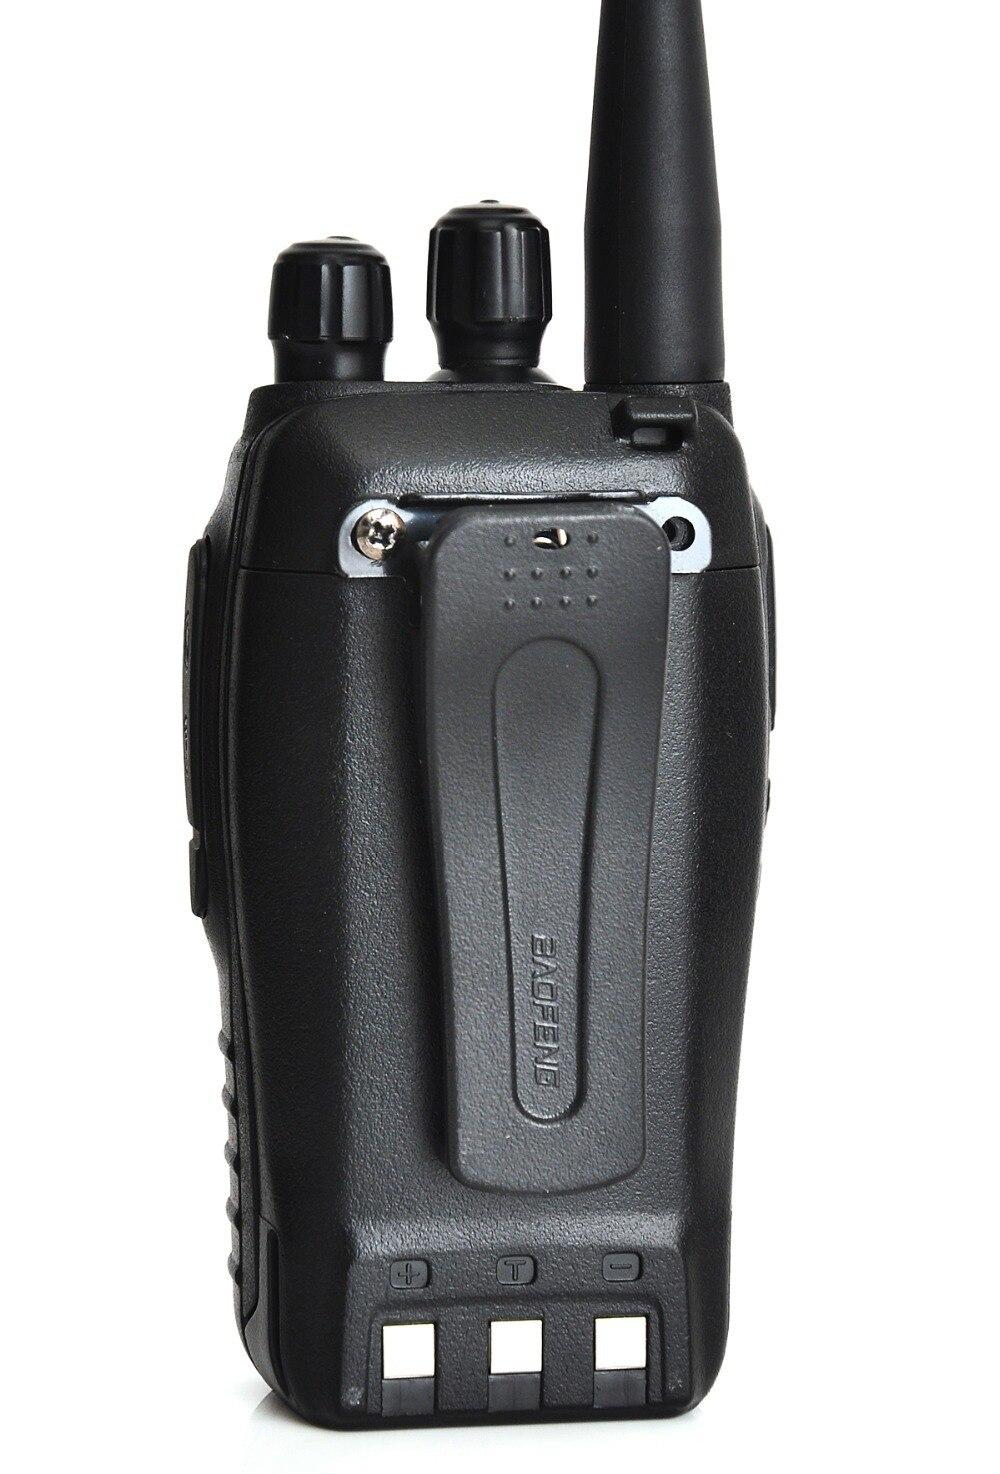 UHF Scanner BAOFENG Way 11